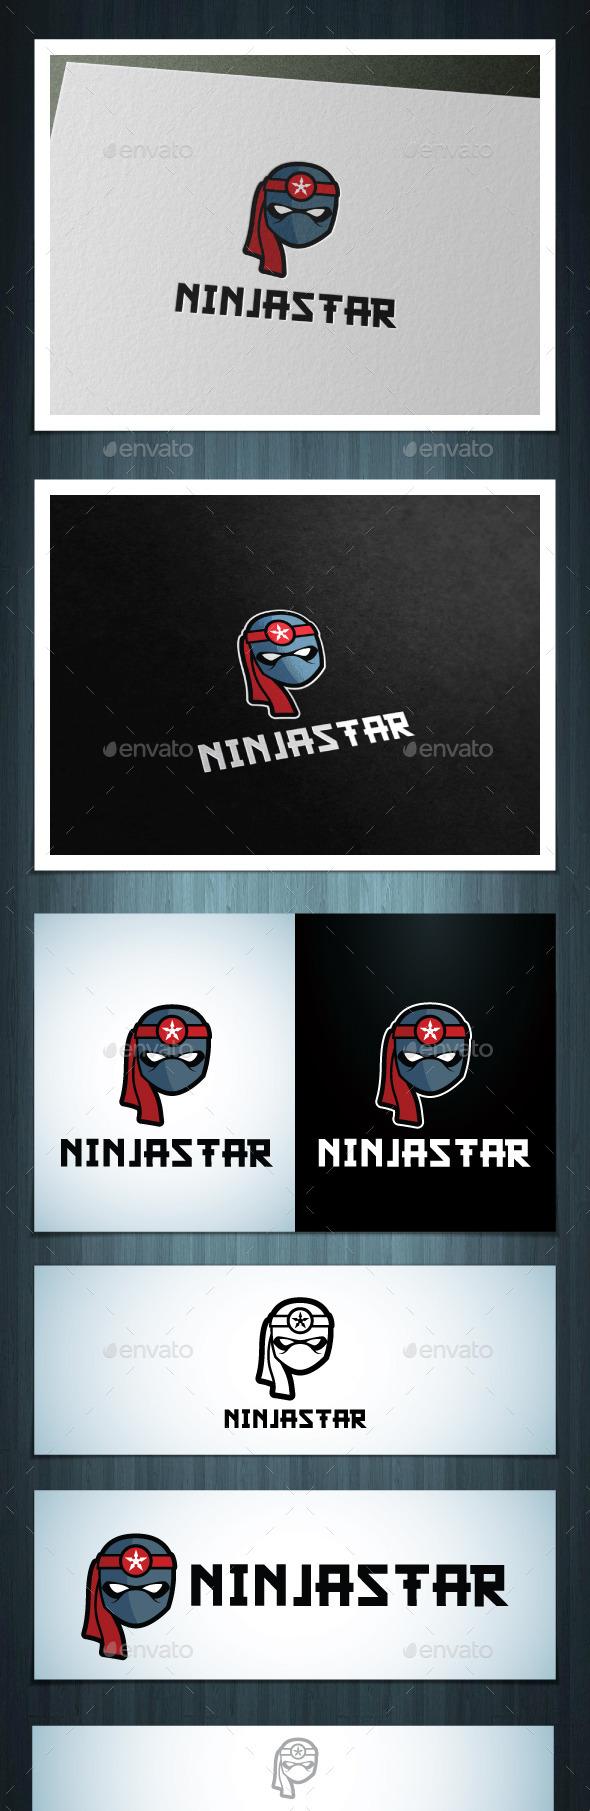 GraphicRiver Ninja Star 10611808